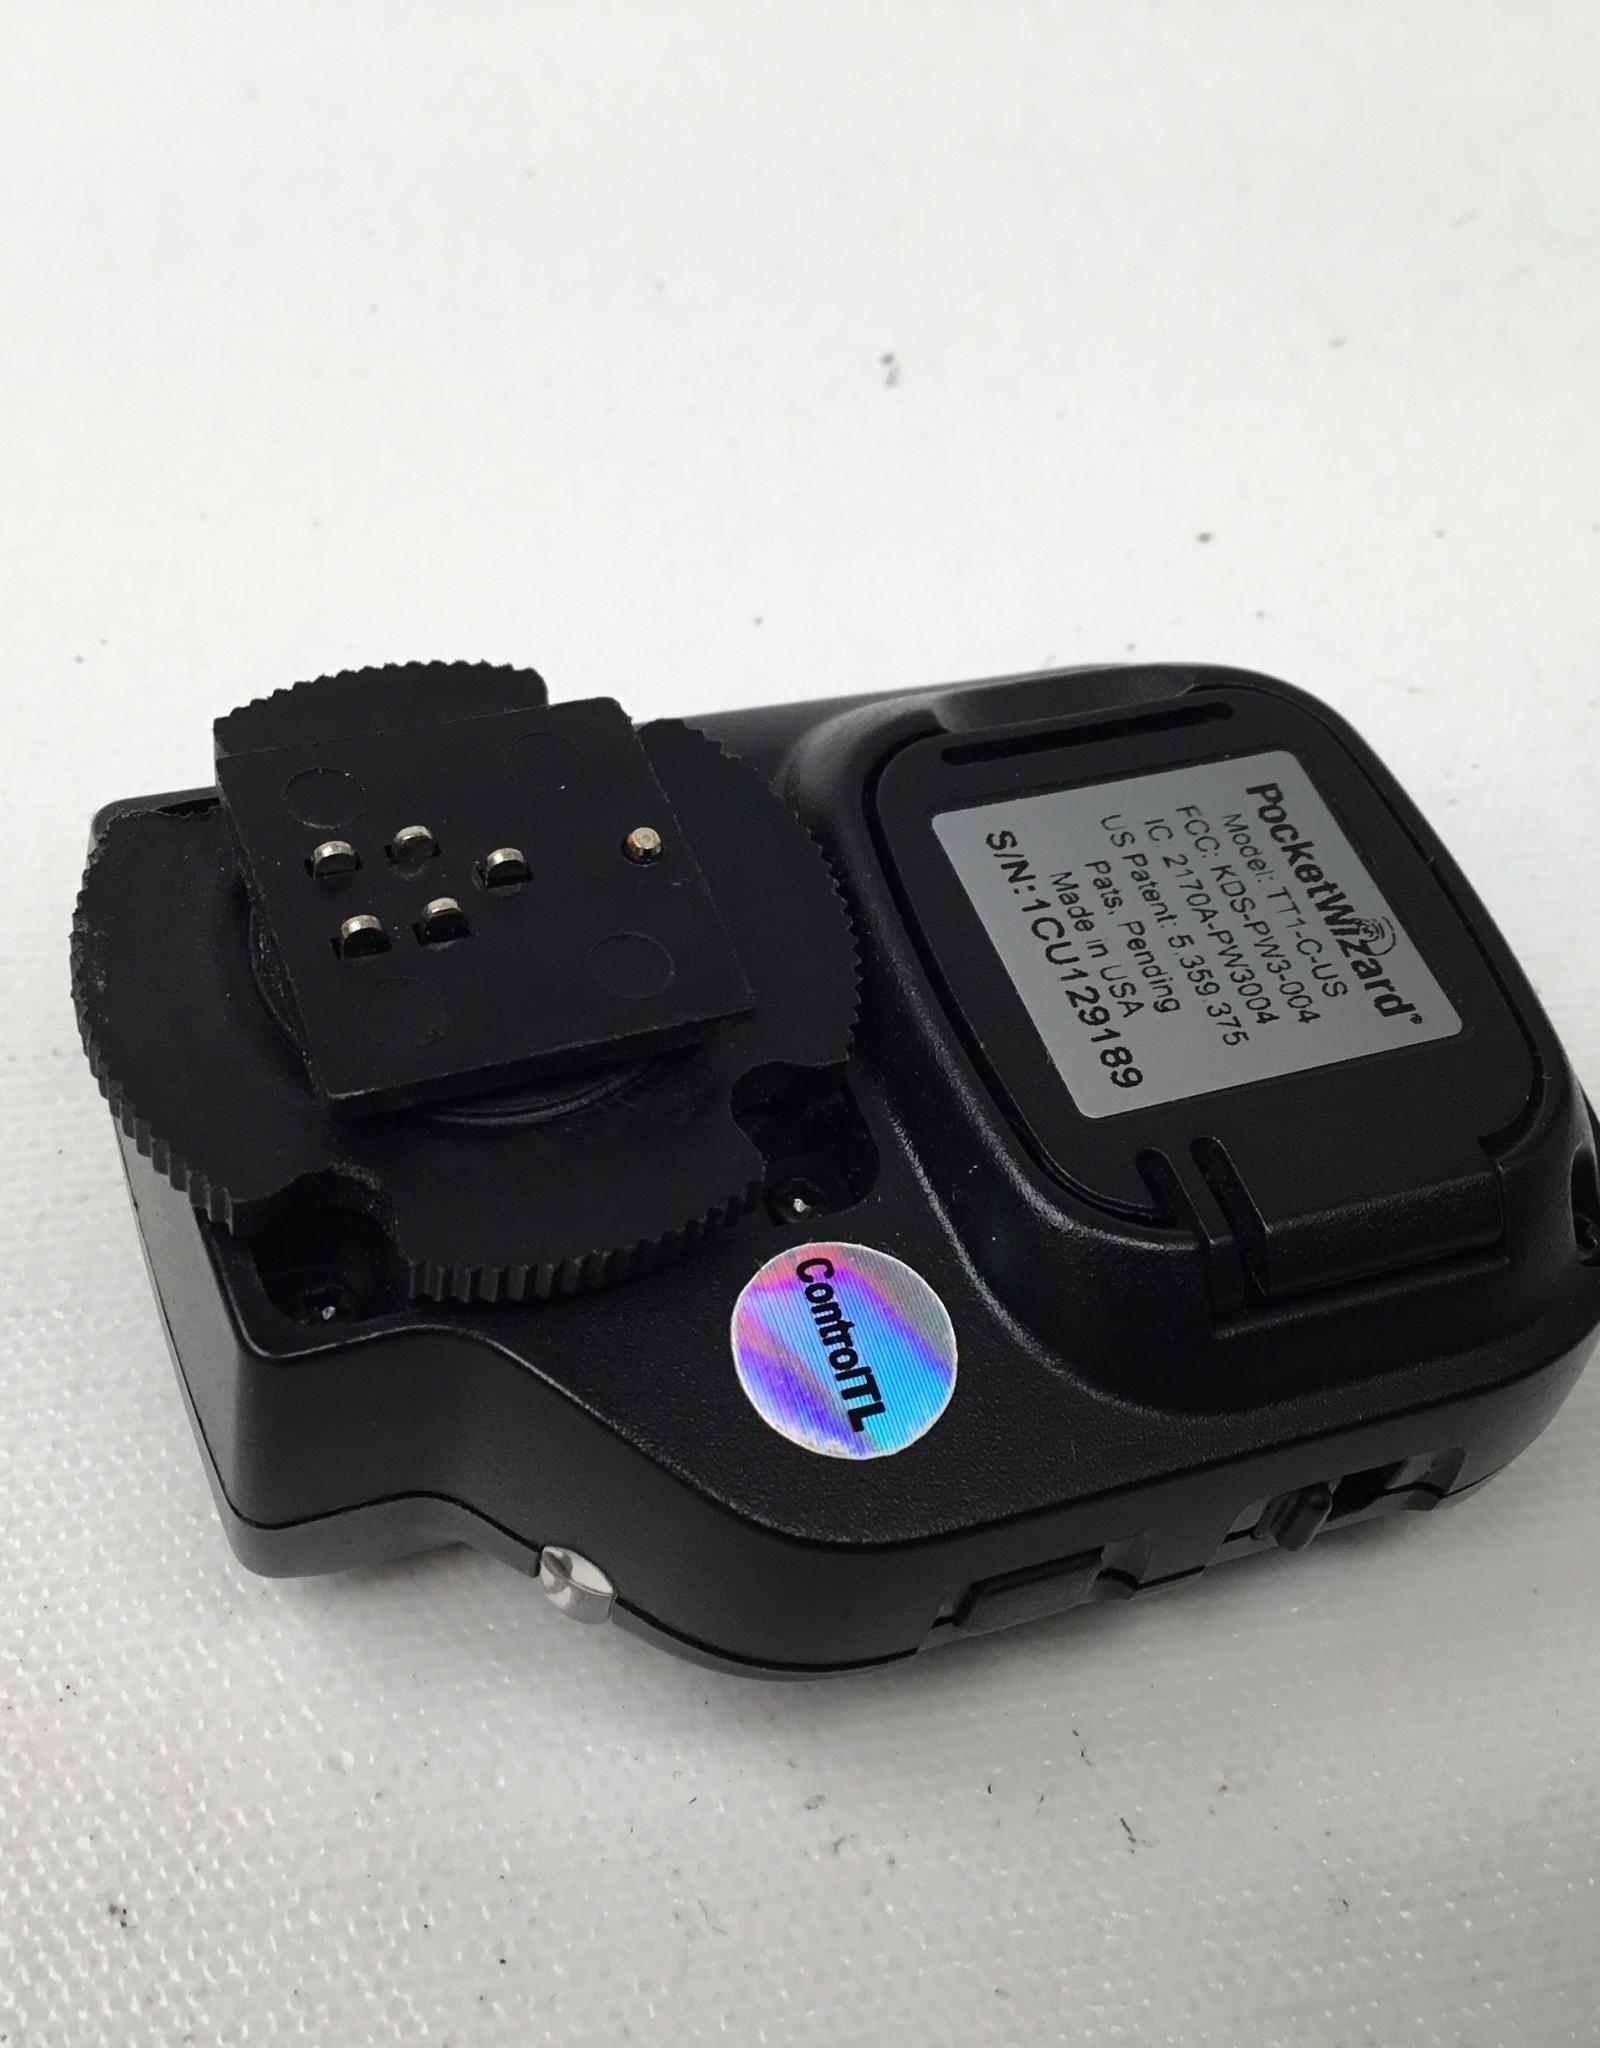 POCKET WIZARD PocketWizrd TT1 for Nikon Cameras Used Good